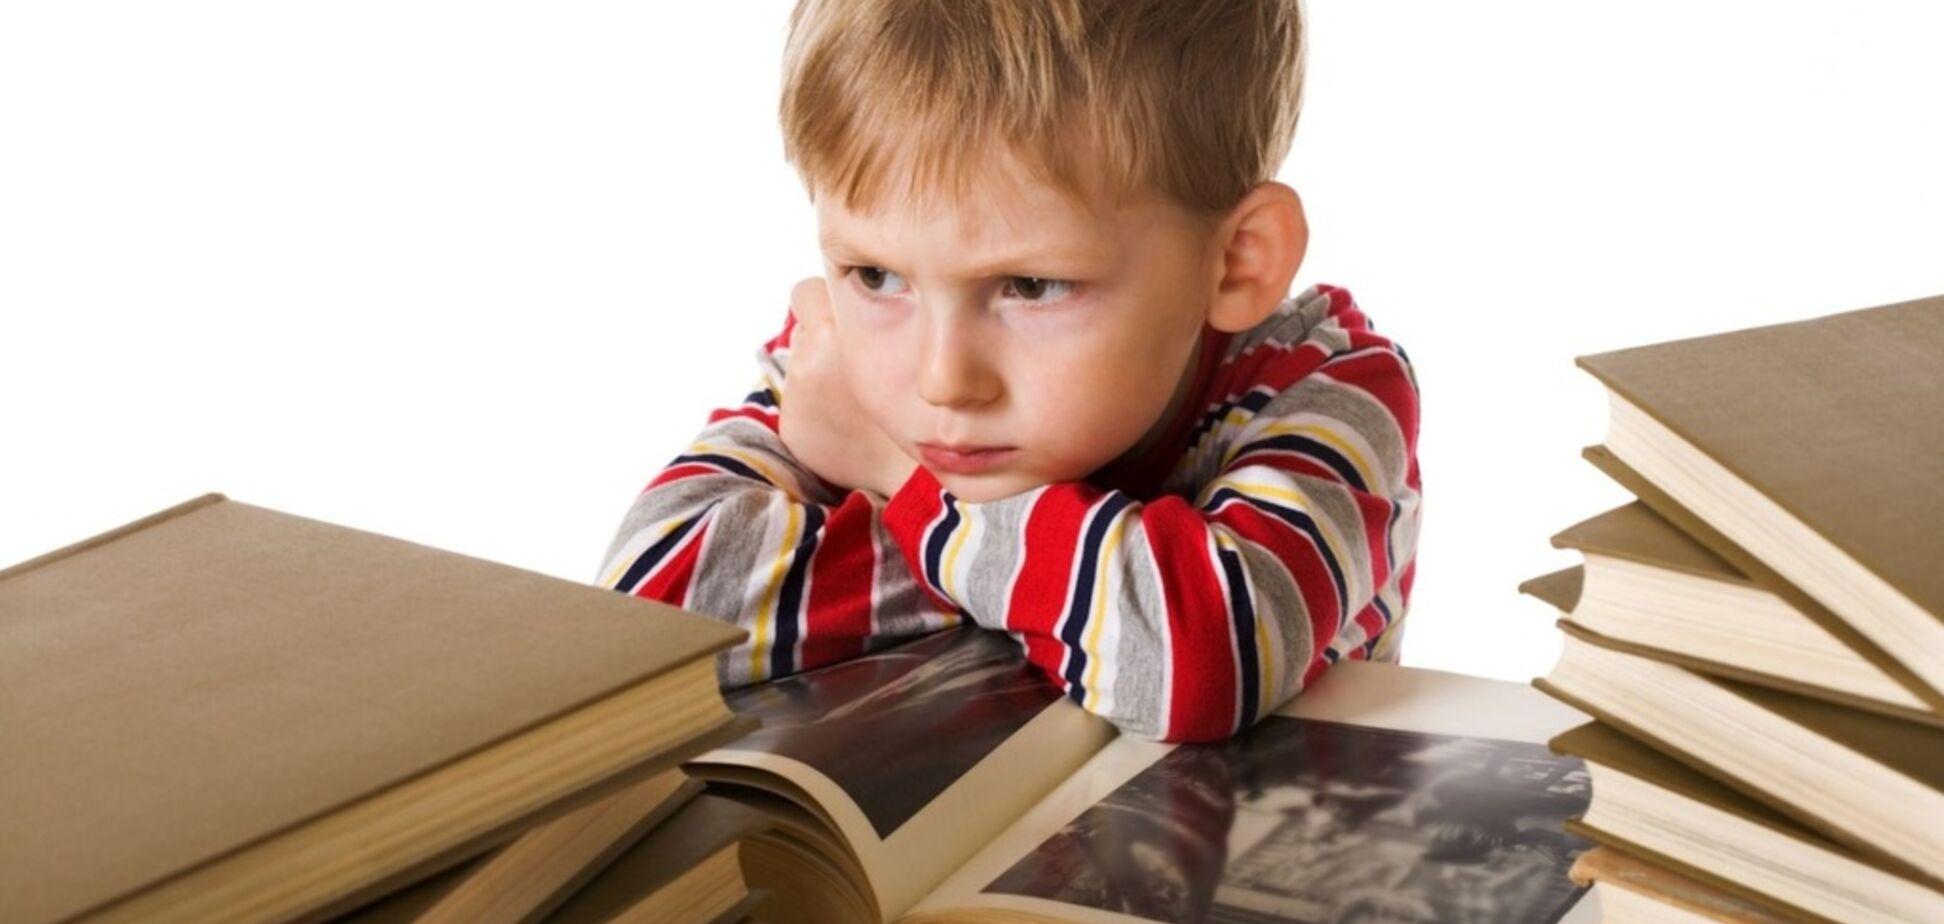 Проблемы с математикой: названы способы, как мотивировать ребенка учиться